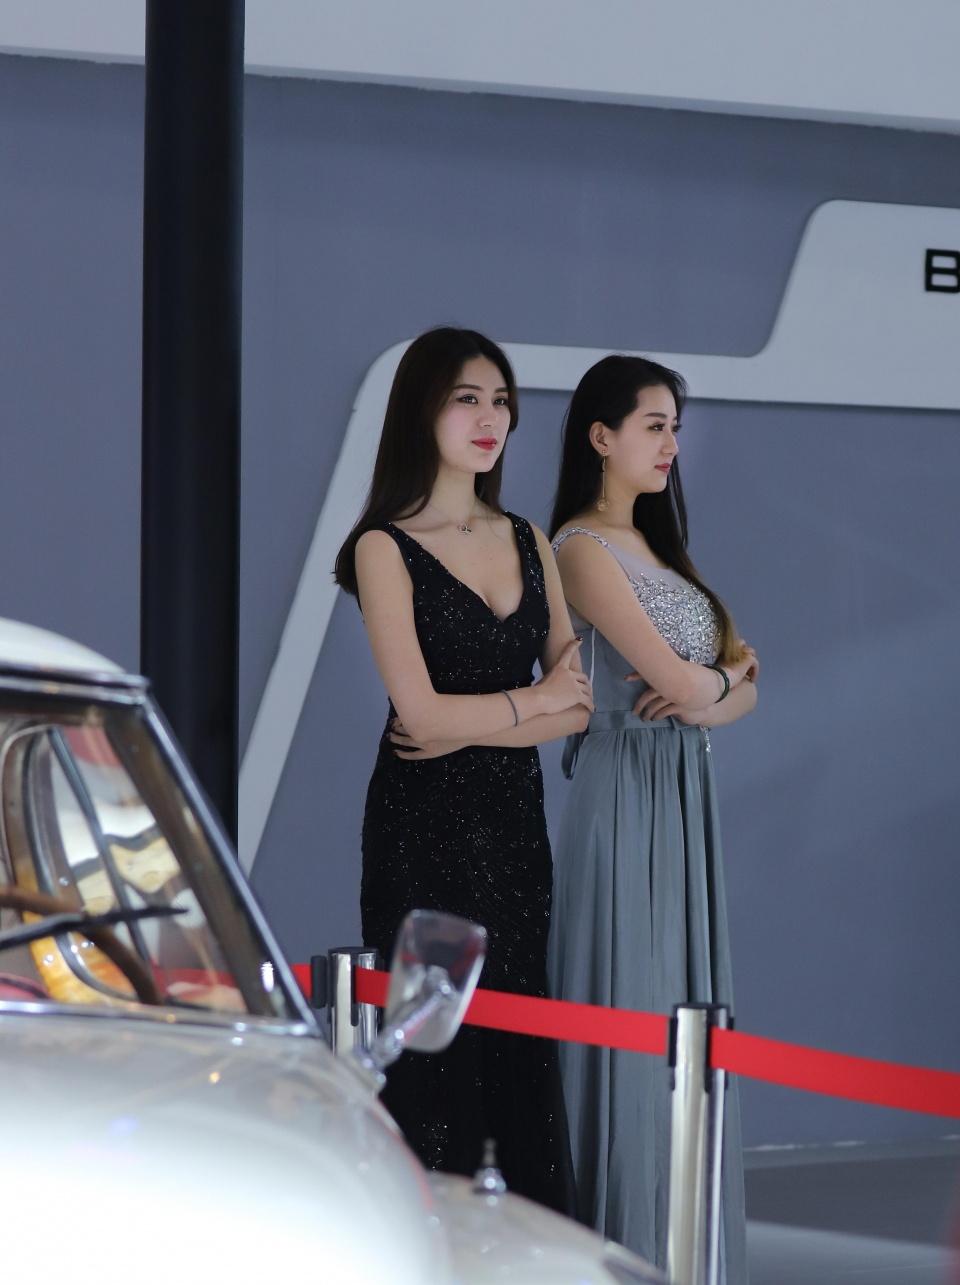 车展现场实拍:车模姑娘们气质优雅,引人流连